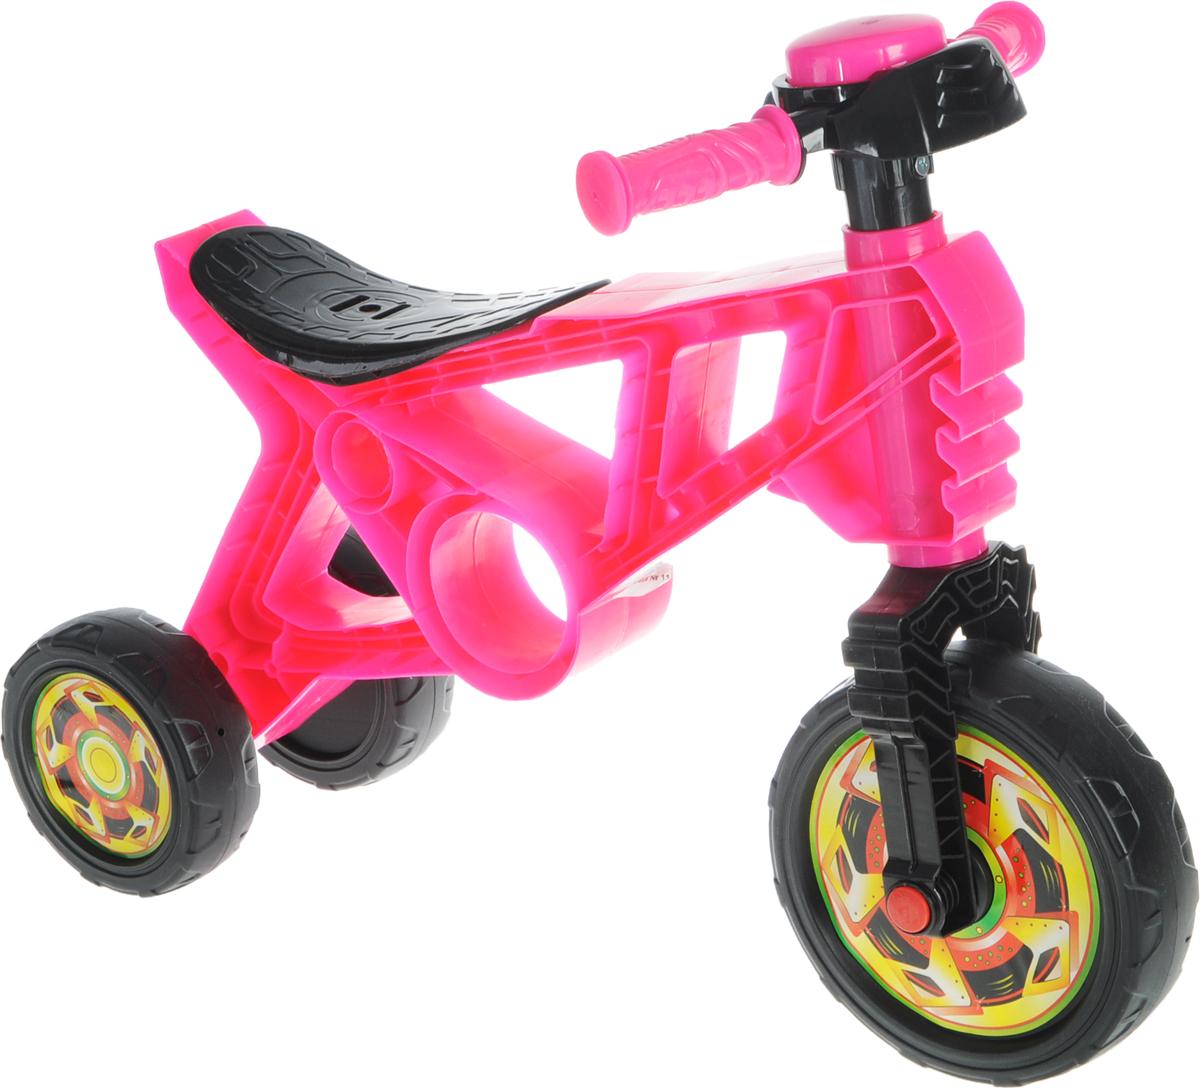 Орион Беговел детский 3-х колесный цвет розовый черный - Беговелы